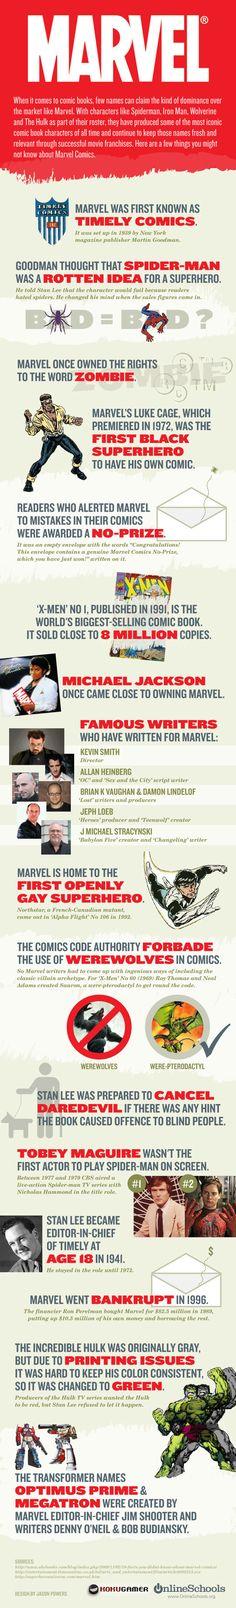 Infografía de las cosas que tal vez no sabías sobr Marvel Comics